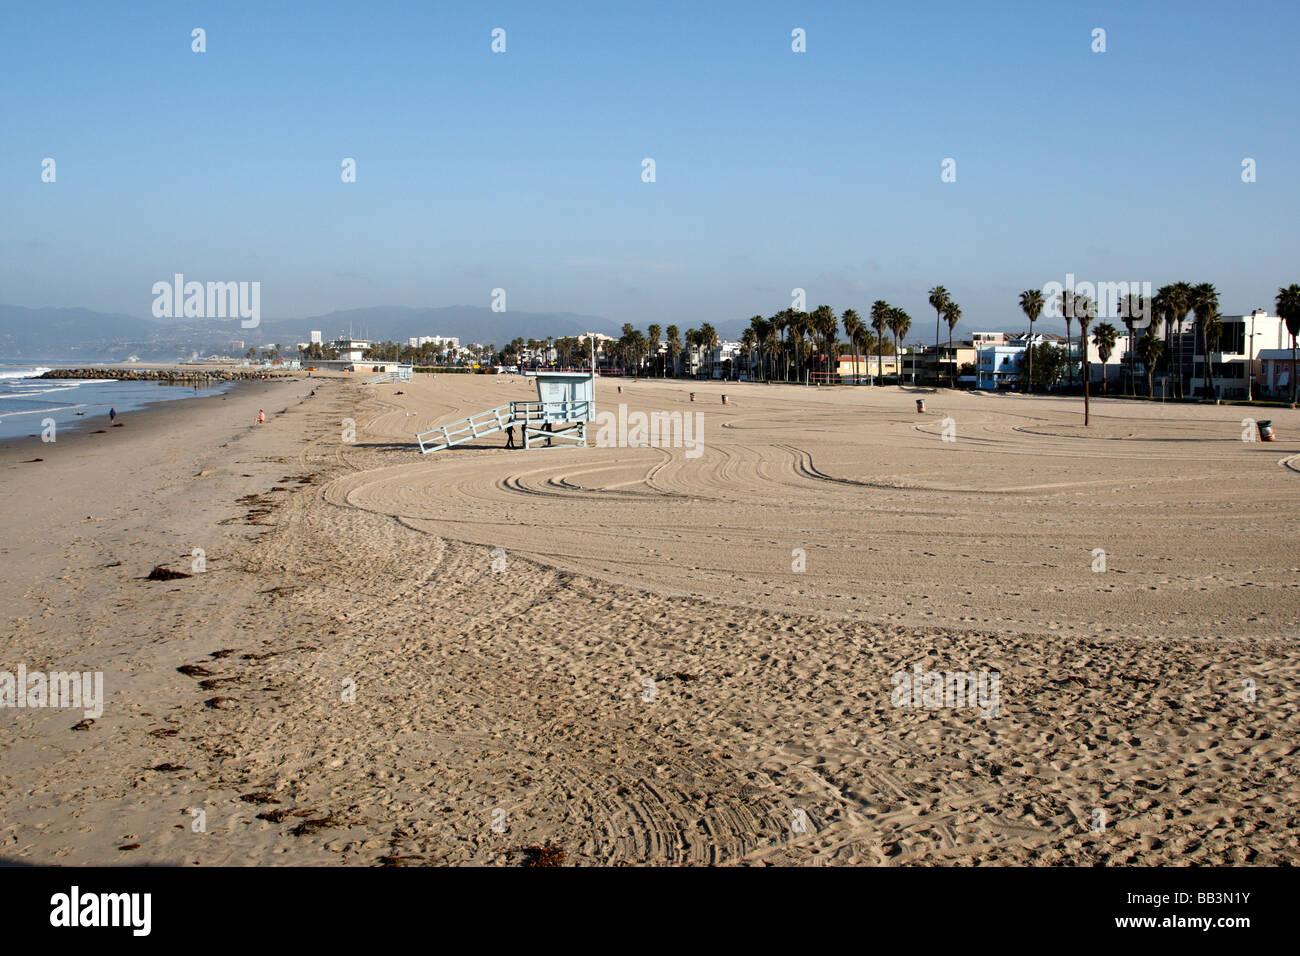 Una playa casi vacía madrugada Venice Beach, Los Ángeles, California, EE.UU. Foto de stock